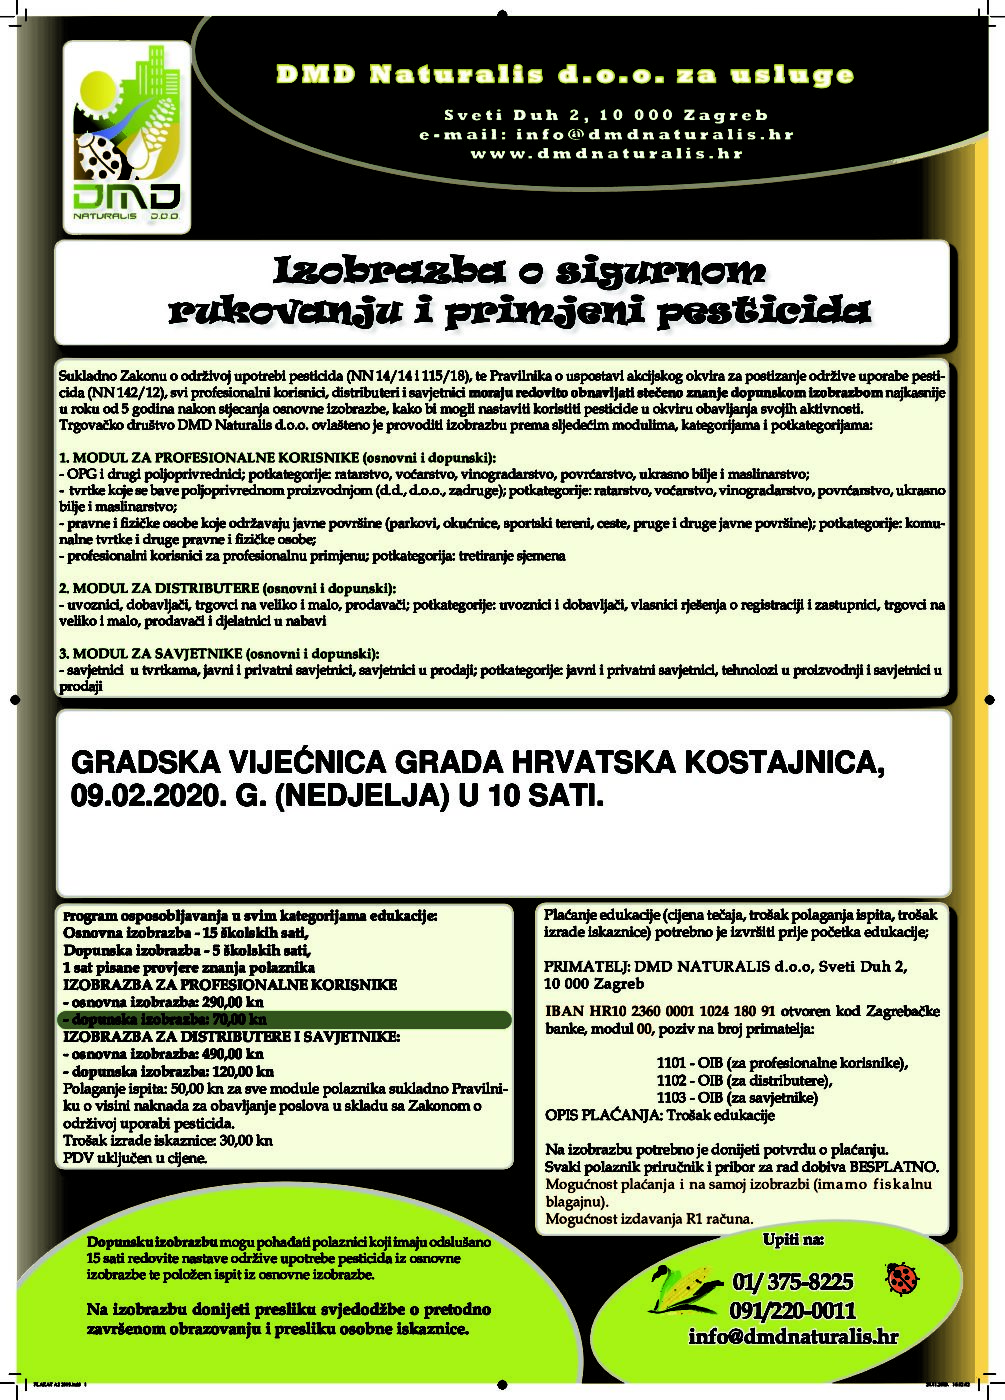 Izobrazba o sigurnom rukovanju i primjeni pesticida